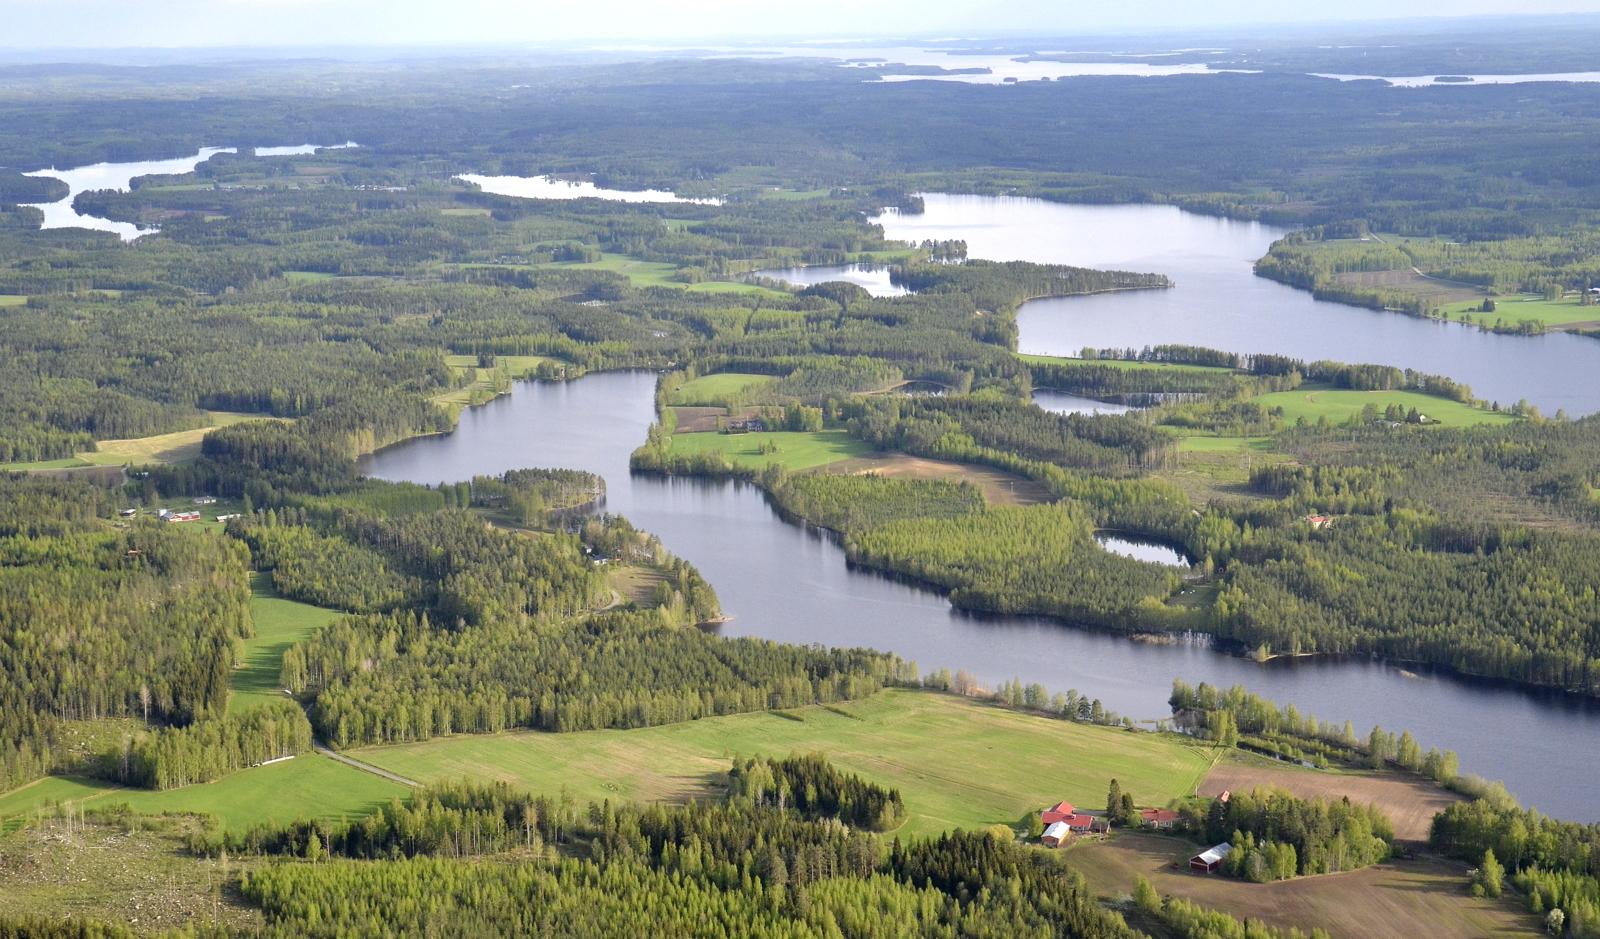 Keskellä Kuhalanlahti, oikealla Tiirisen- ja Autionselät. Taustalla oikealla Keitelejärven Muikunlahti.